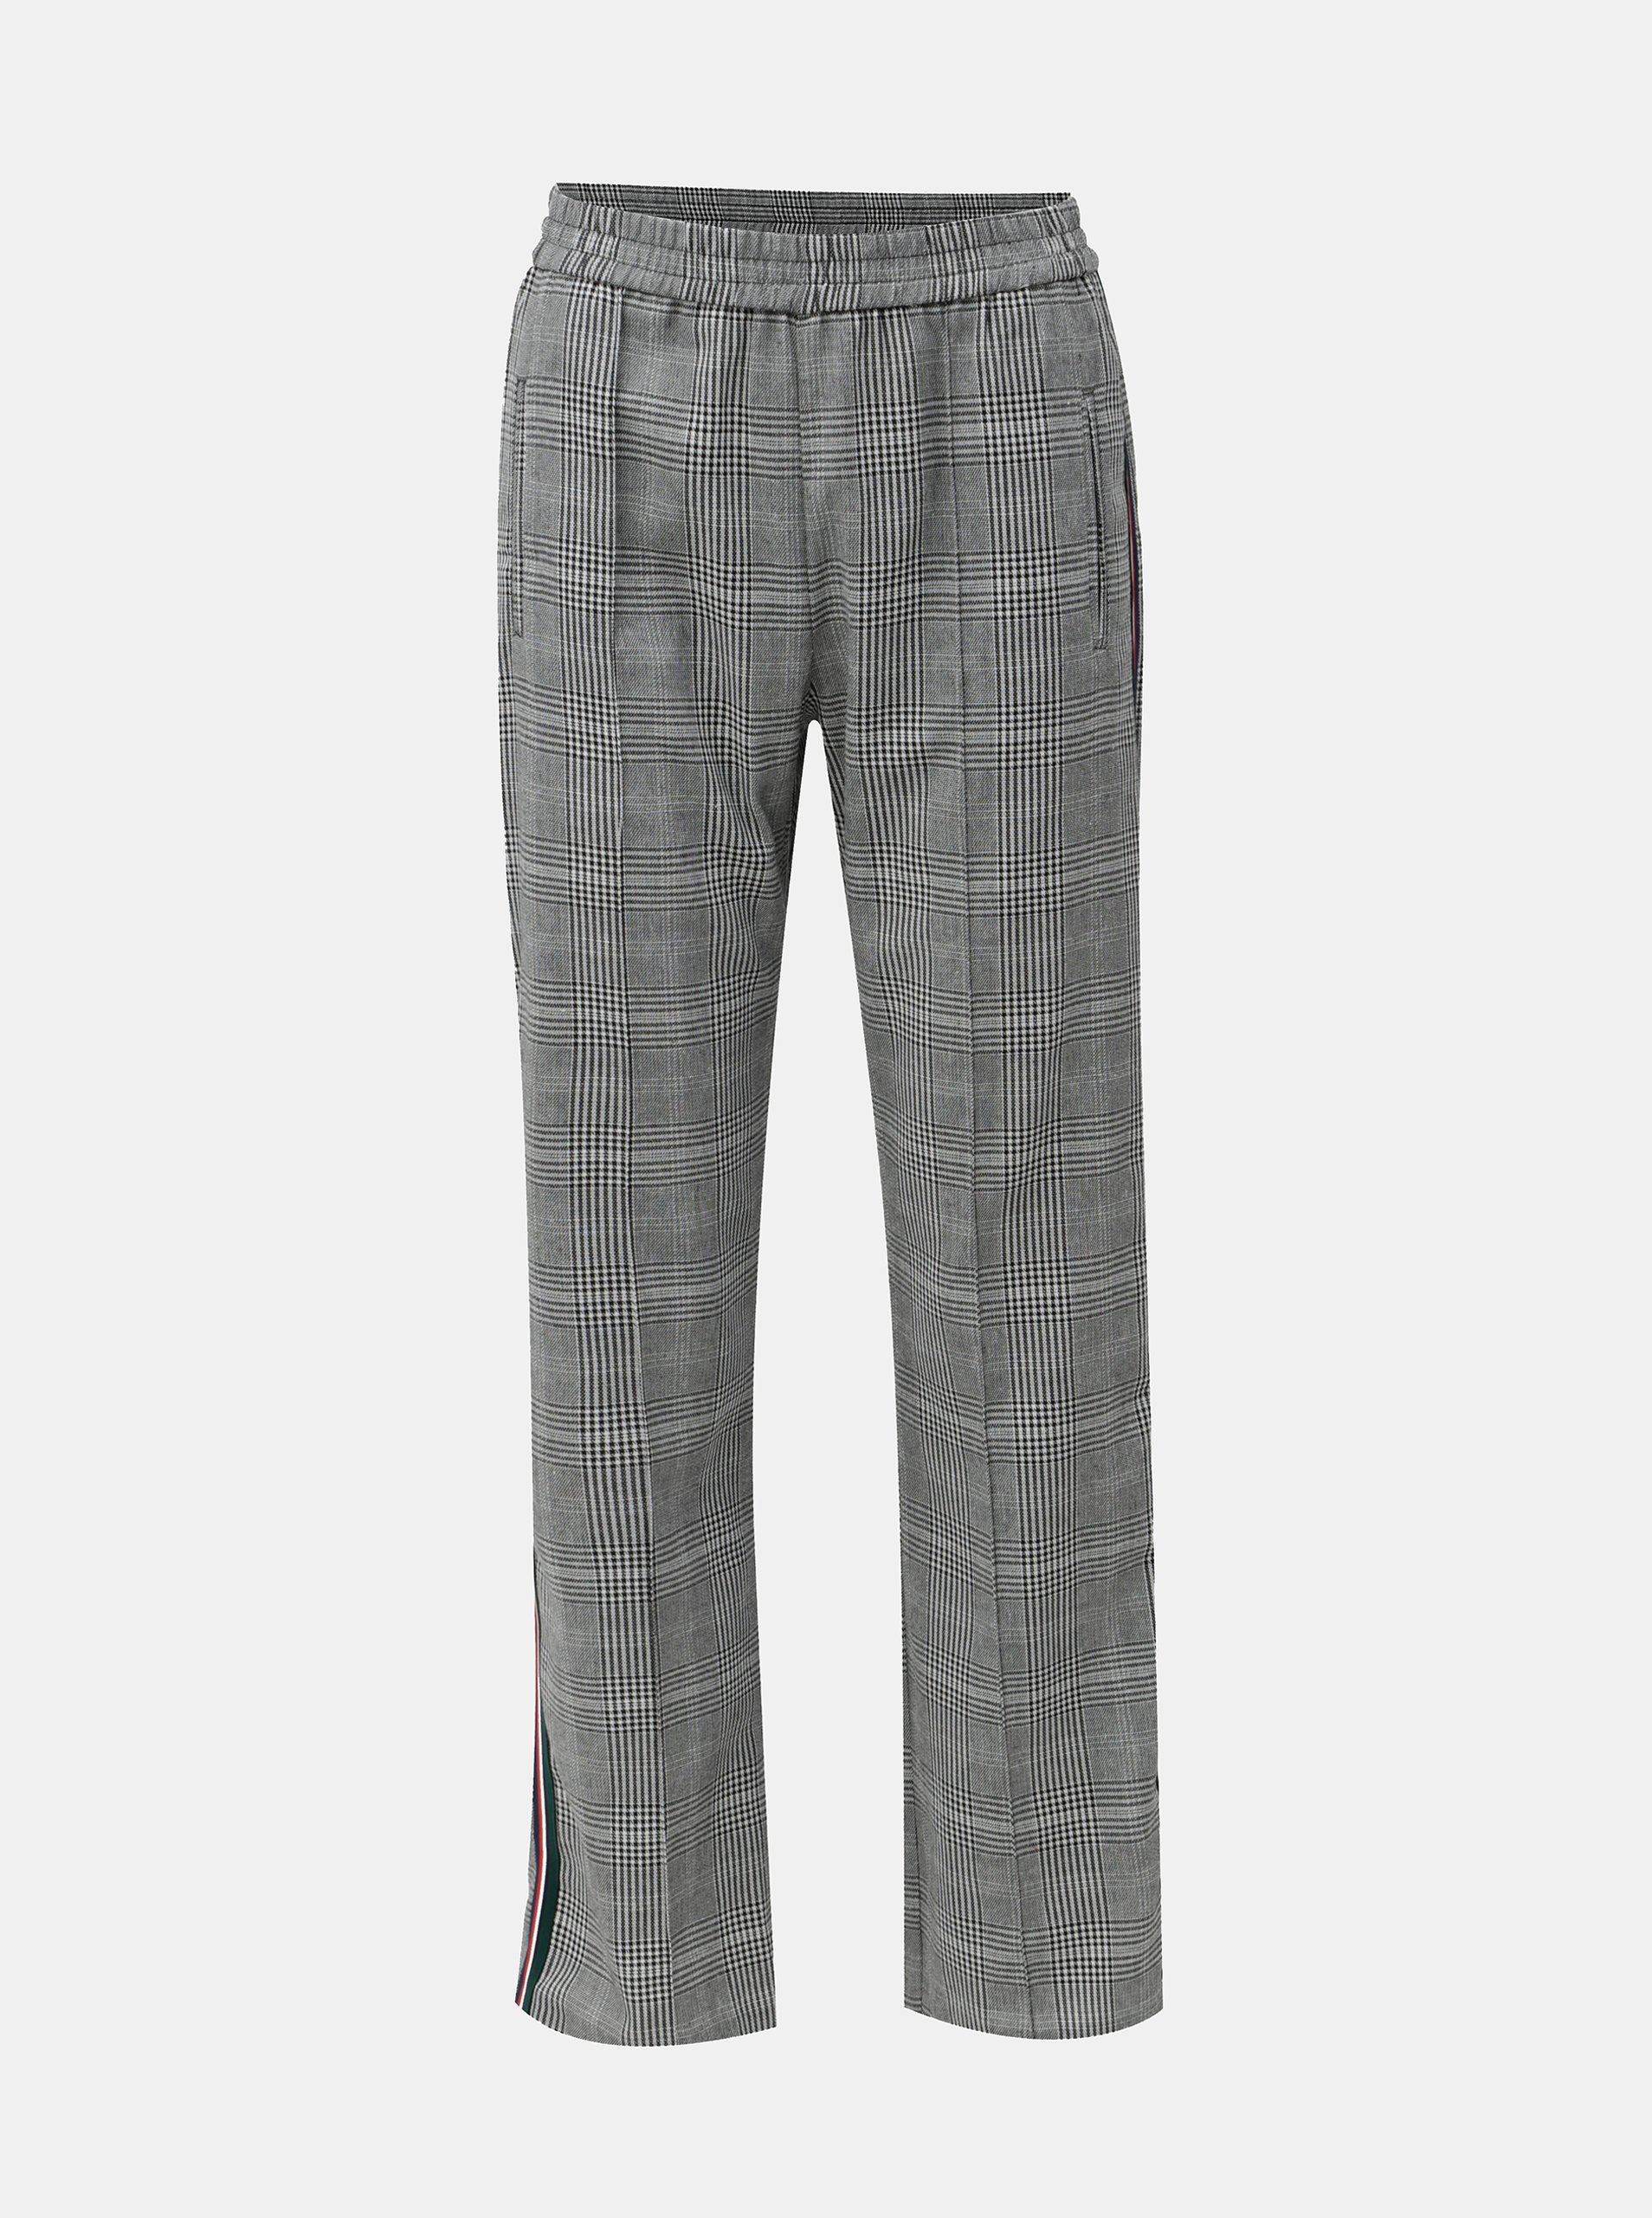 db87768efec Černo-bílé kostkované kalhoty s bočními pruhy Miss Selfridge